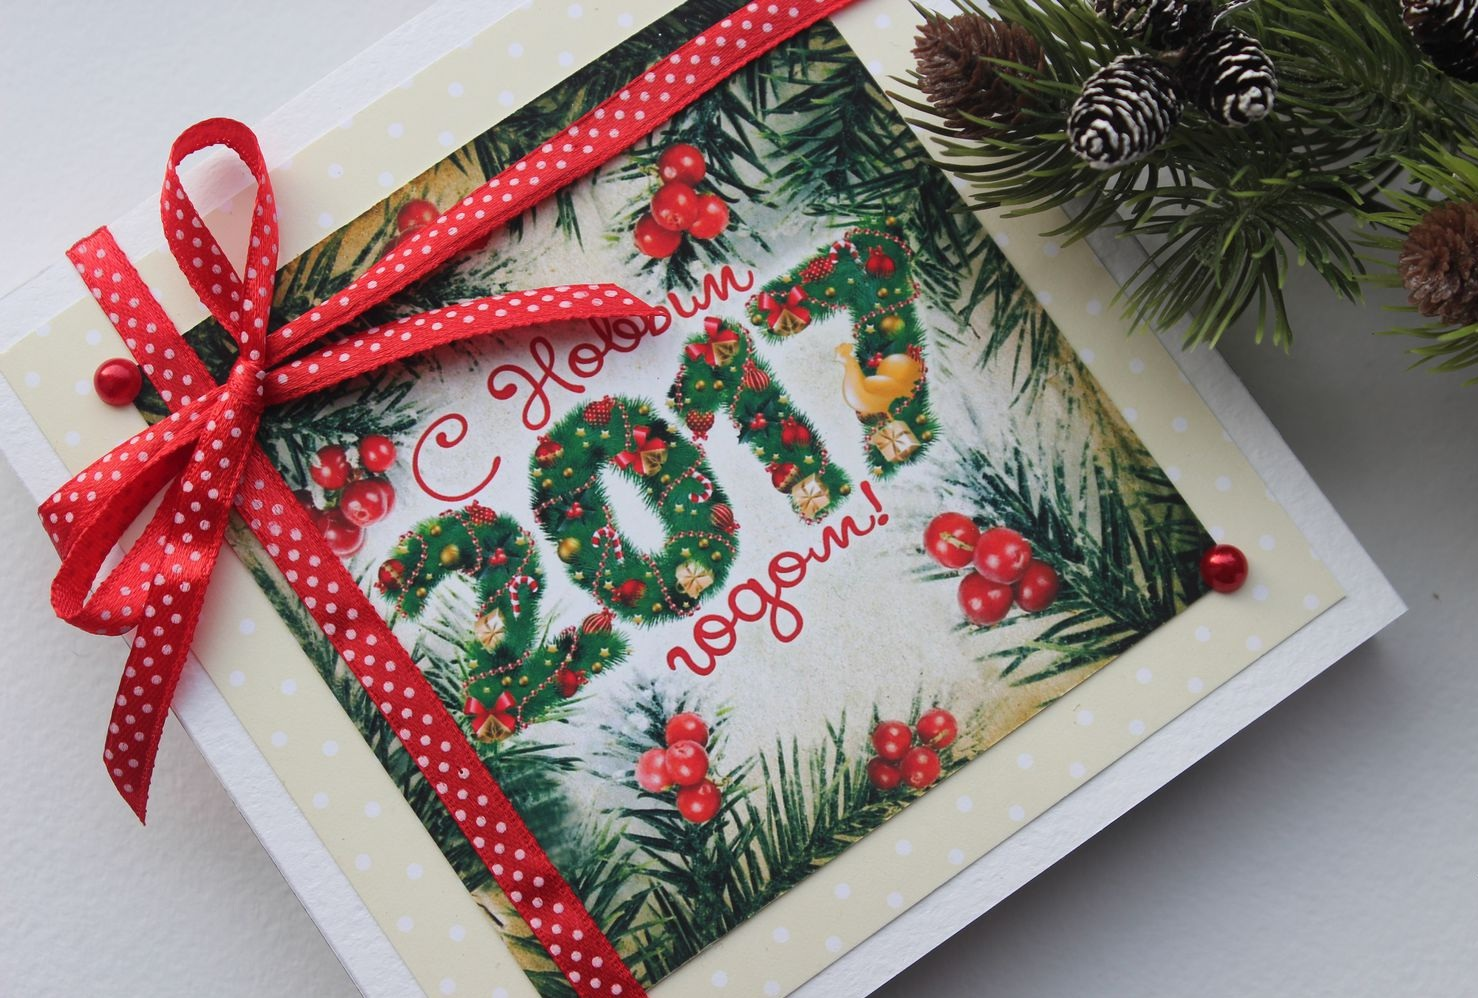 Видео поздравление к новому году своими руками, открытки детям пожеланиями